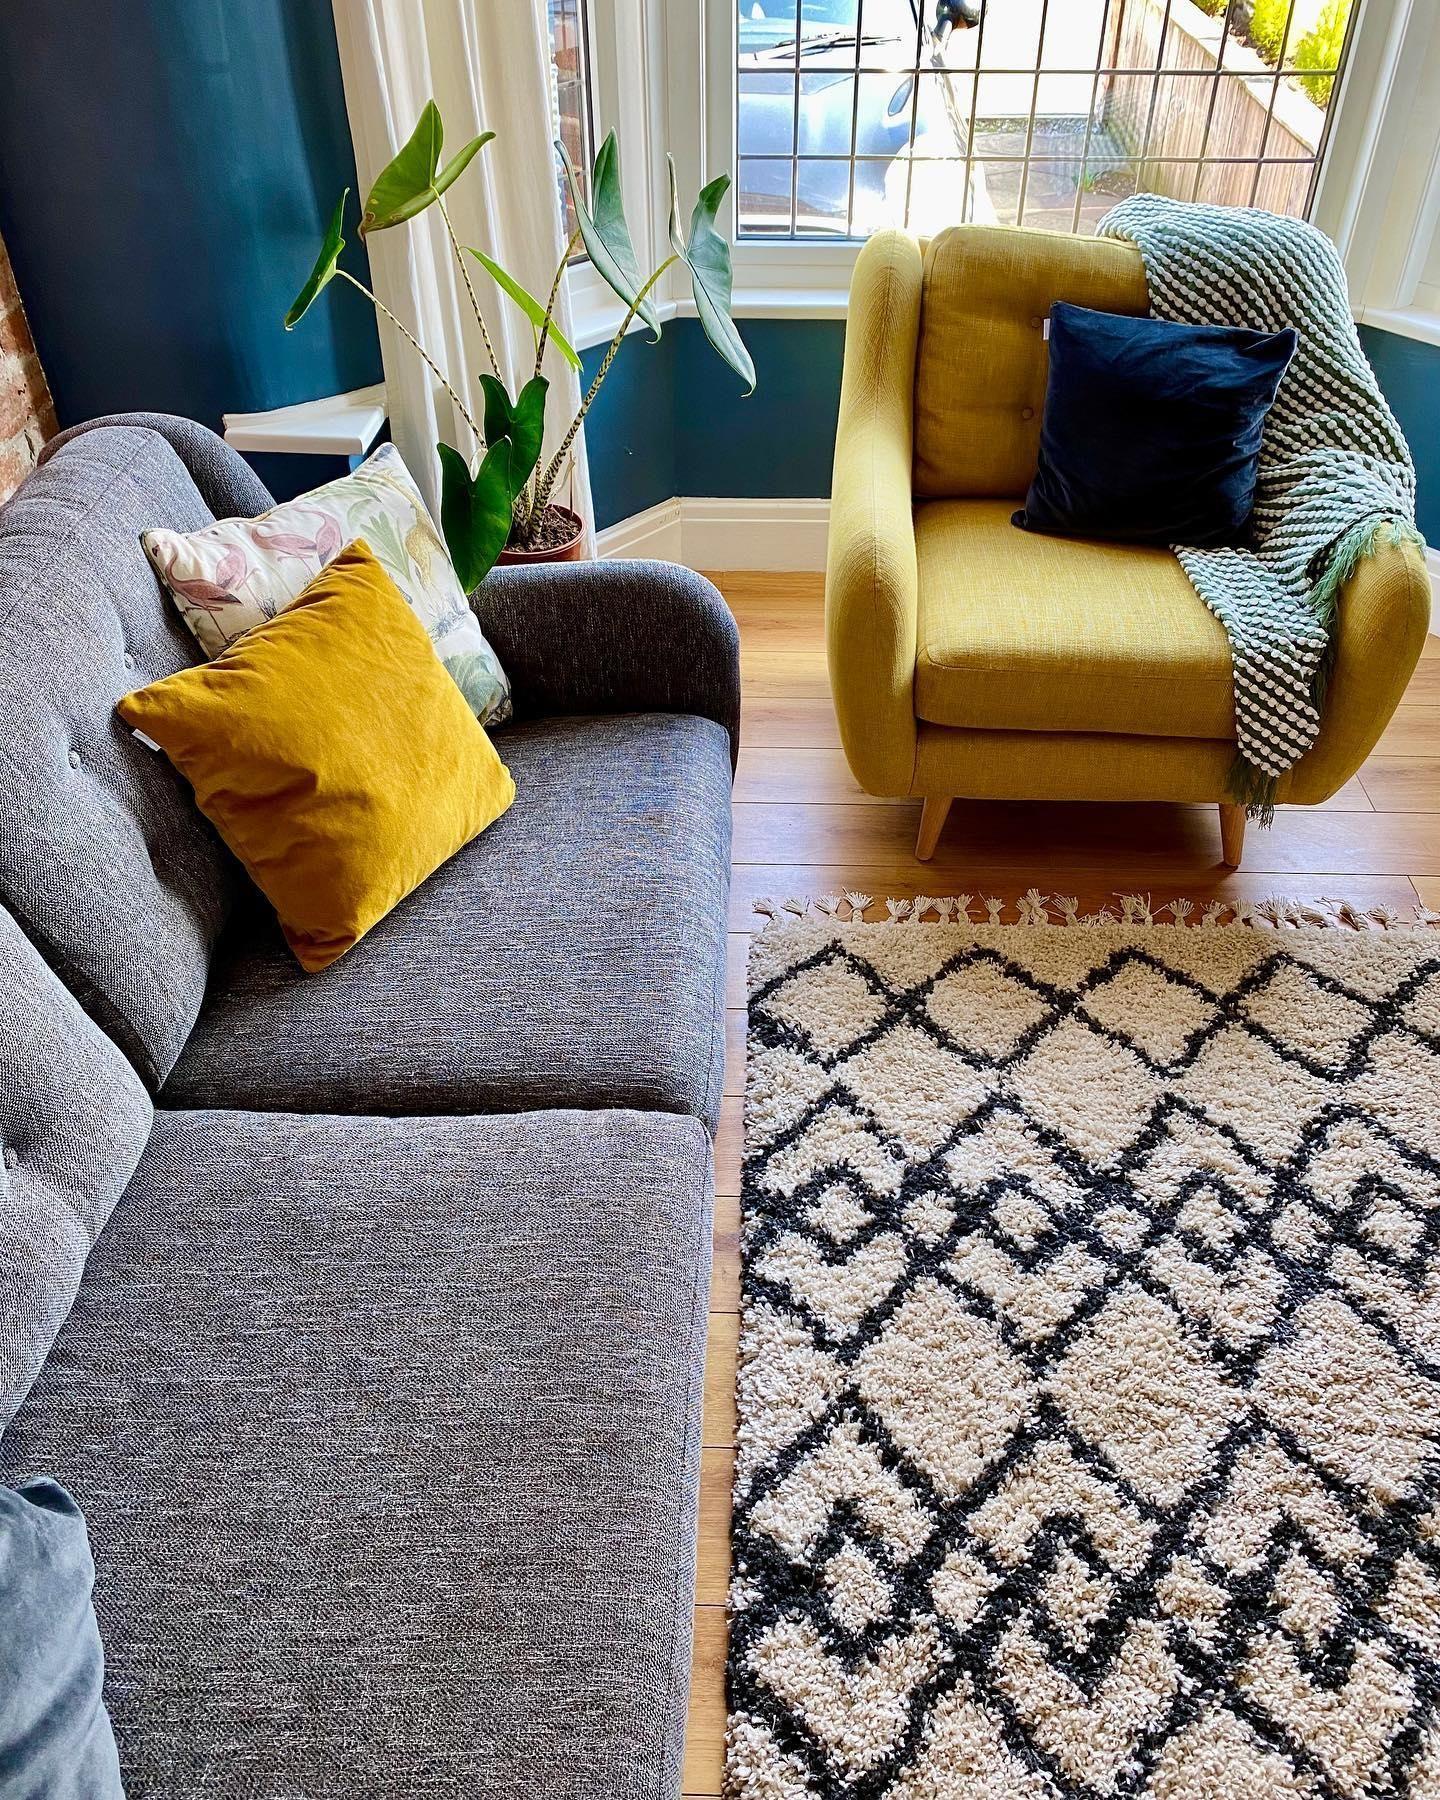 Camden Plain 3 Seater Sofa Camden Plain Dfs Blue Living Room Decor Blue Living Room Seater Sofa